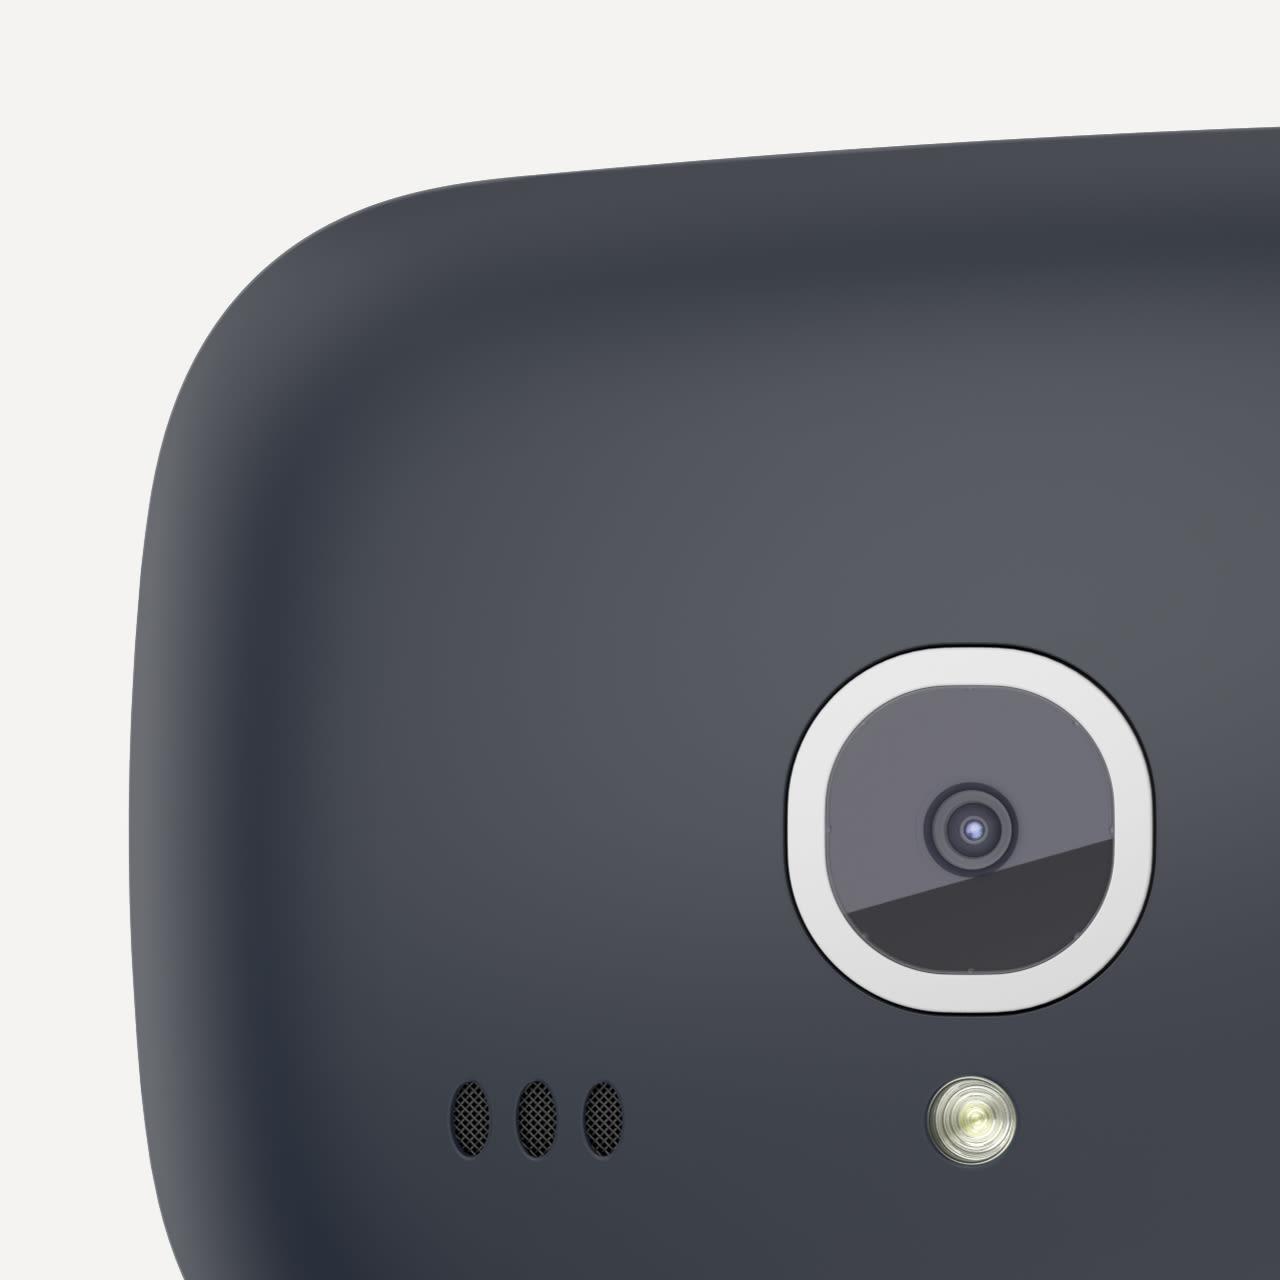 Nokia-3310-DarkBlue-1280x1280px.jpg